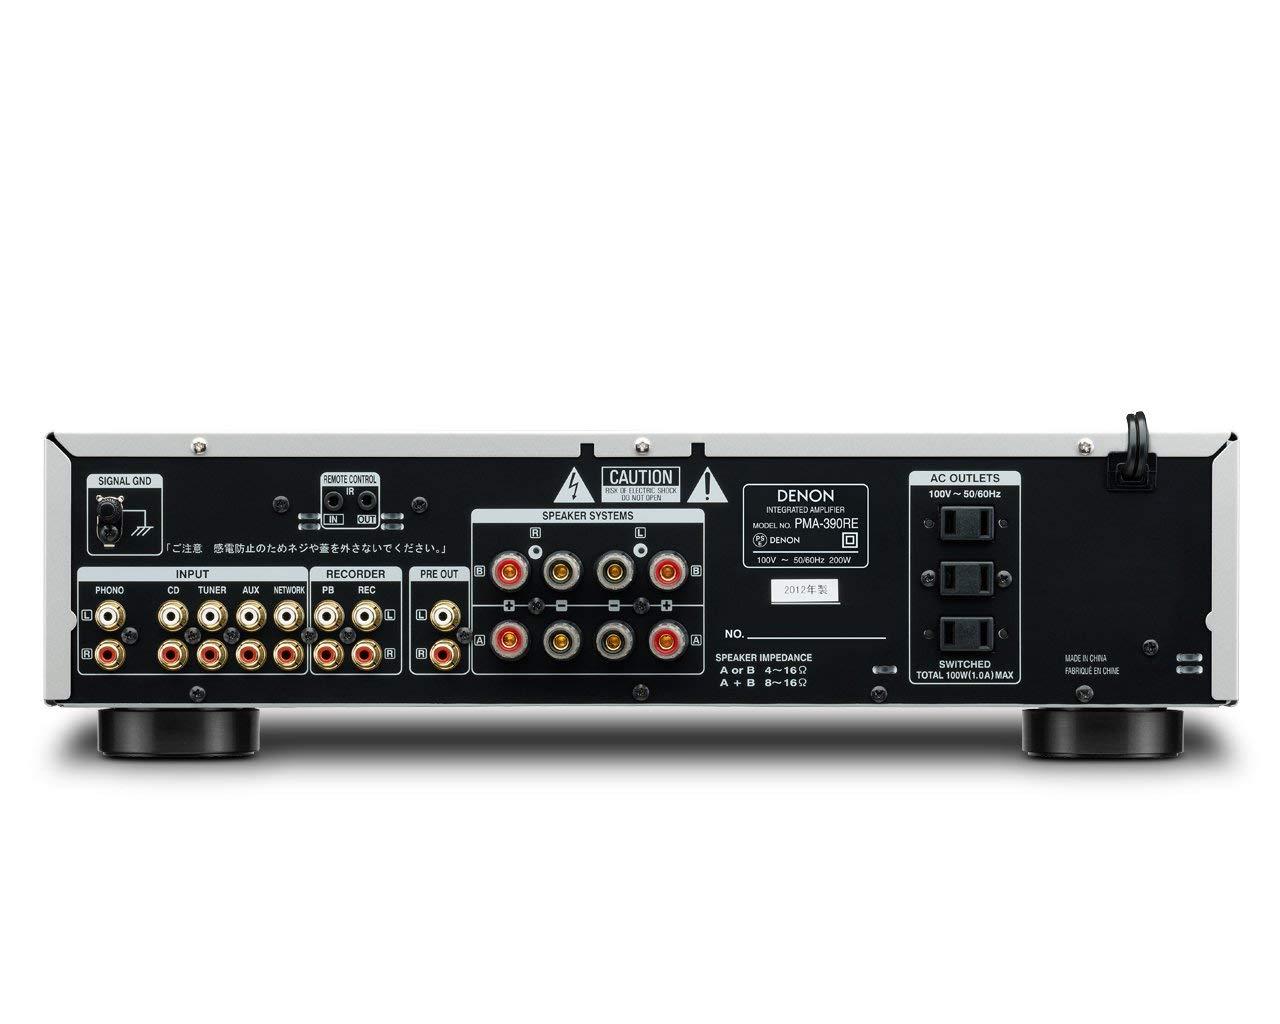 PMA 390RE 1 - 【奇跡の名機】DENON PMA-390REが低価格でナンバーワンのアンプ【5万円以下】